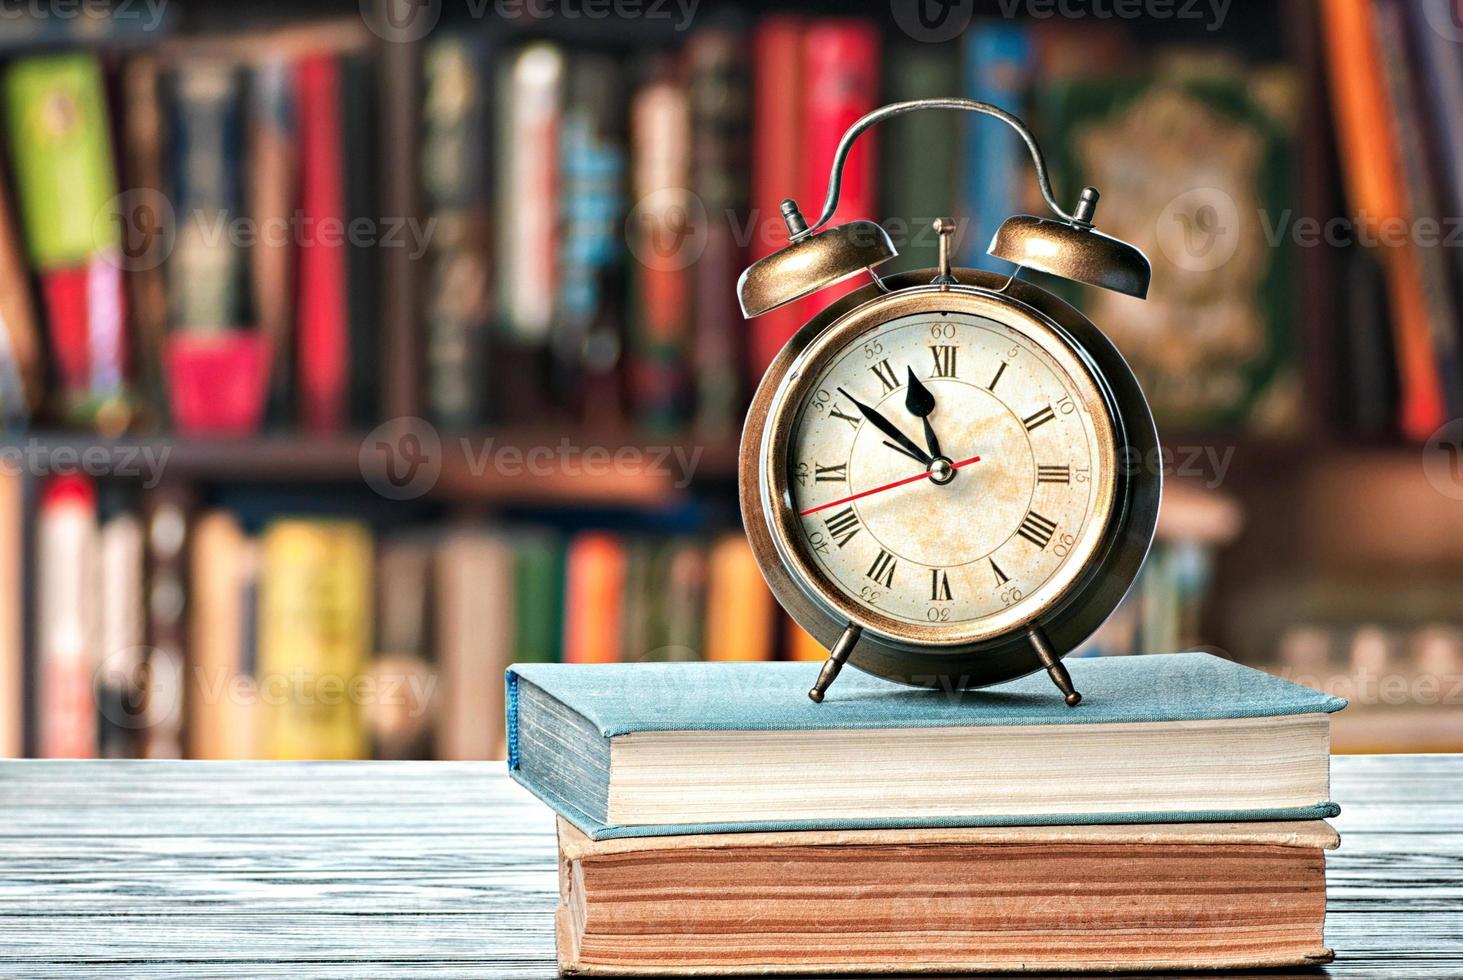 libri e sveglia foto